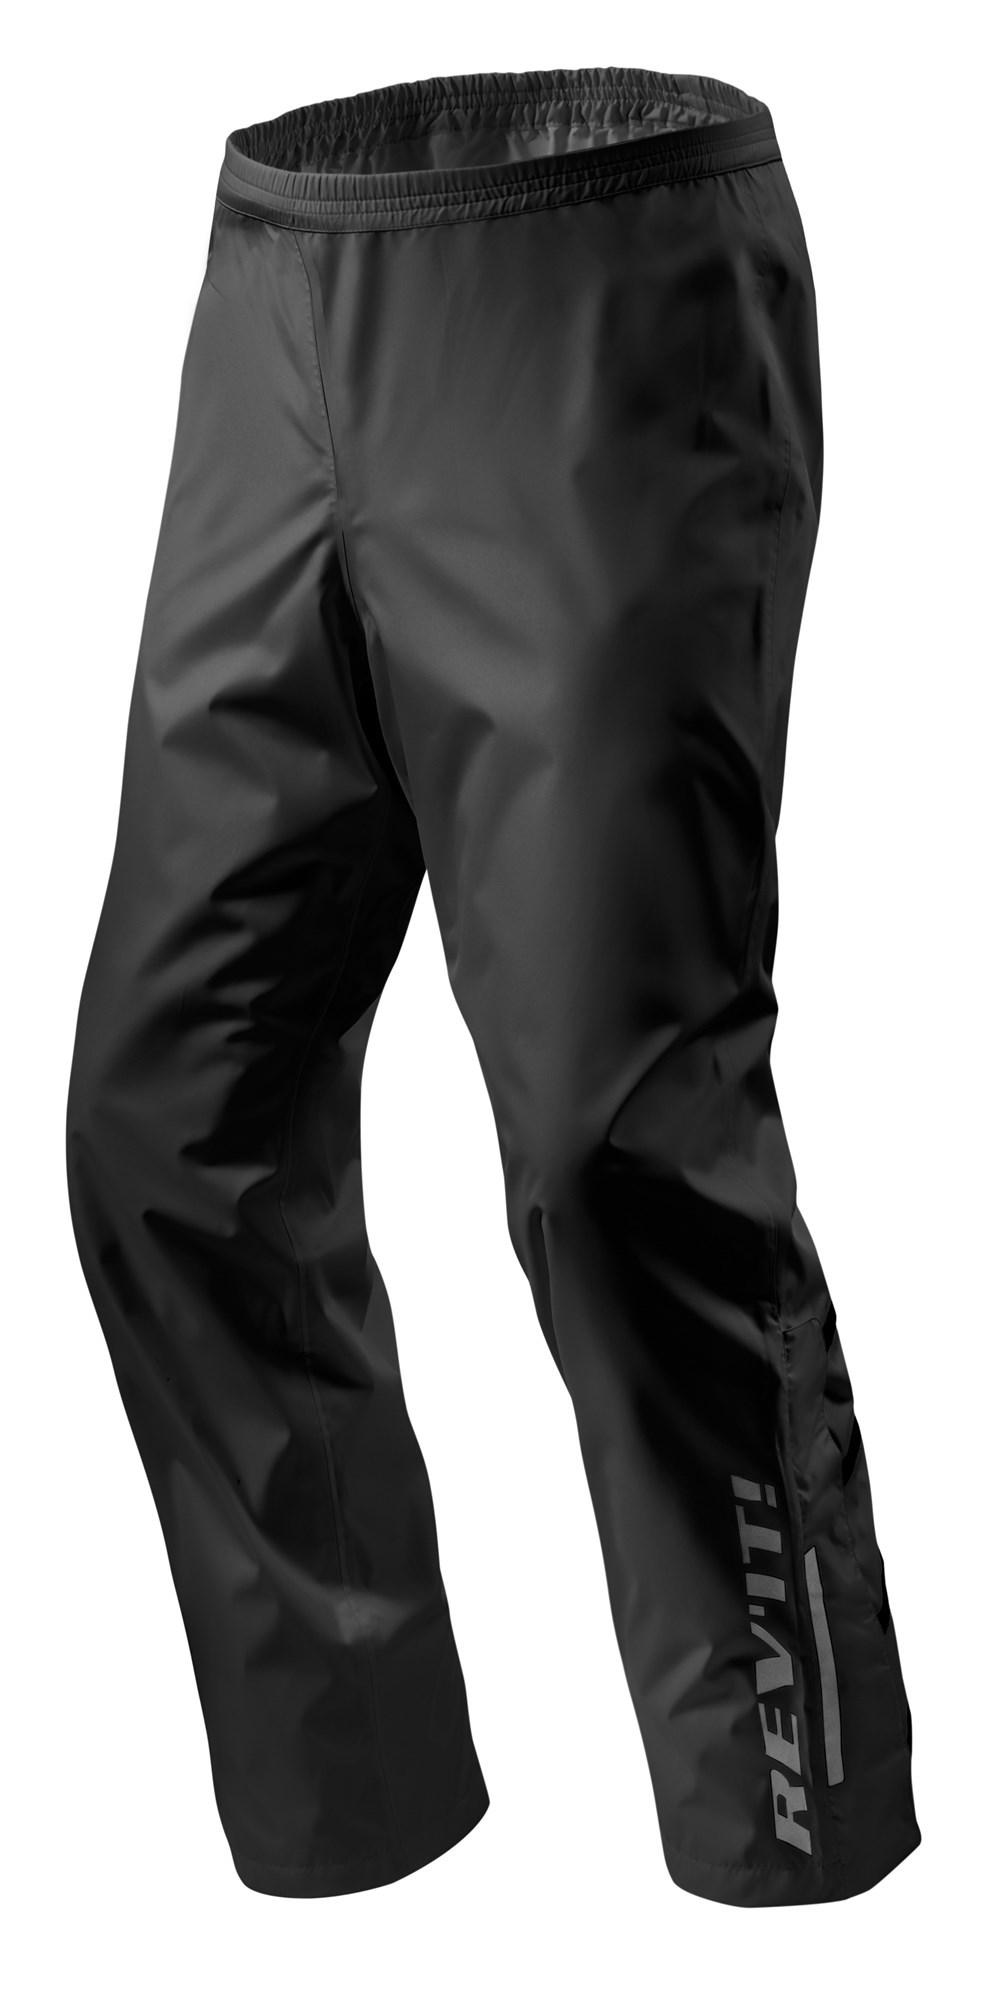 Pantalón de moto por encima de ropa de de calle 7d8de410